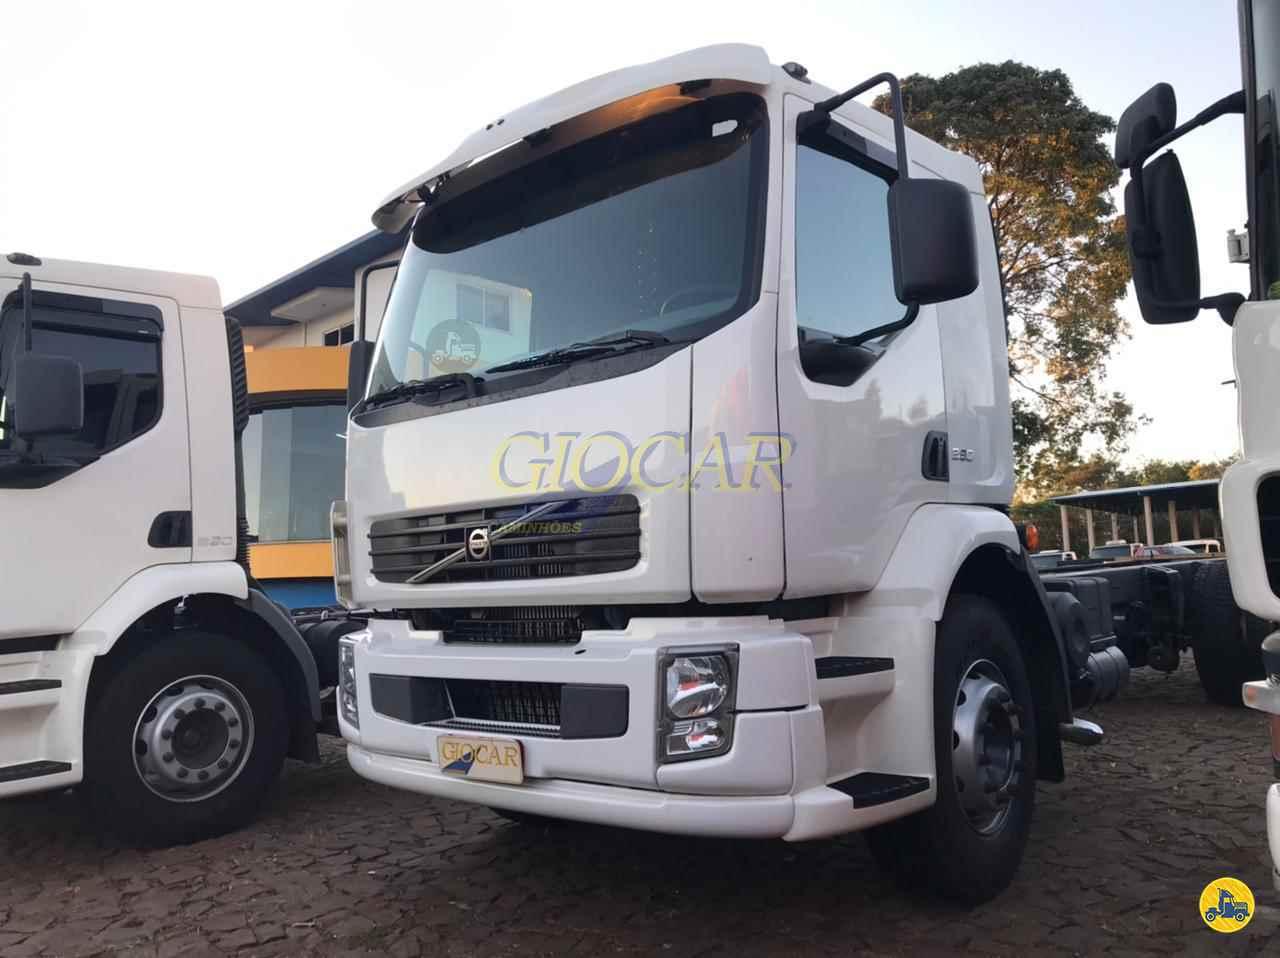 CAMINHAO VOLVO VOLVO VM 260 Chassis Truck 6x2 Giocar Caminhões PATO BRANCO PARANÁ PR